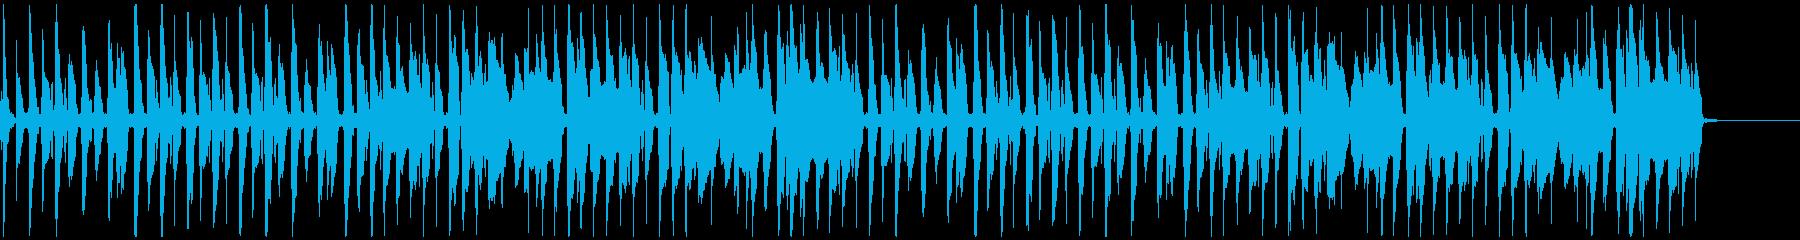 散歩が似合うギターとアコーディオンの曲。の再生済みの波形